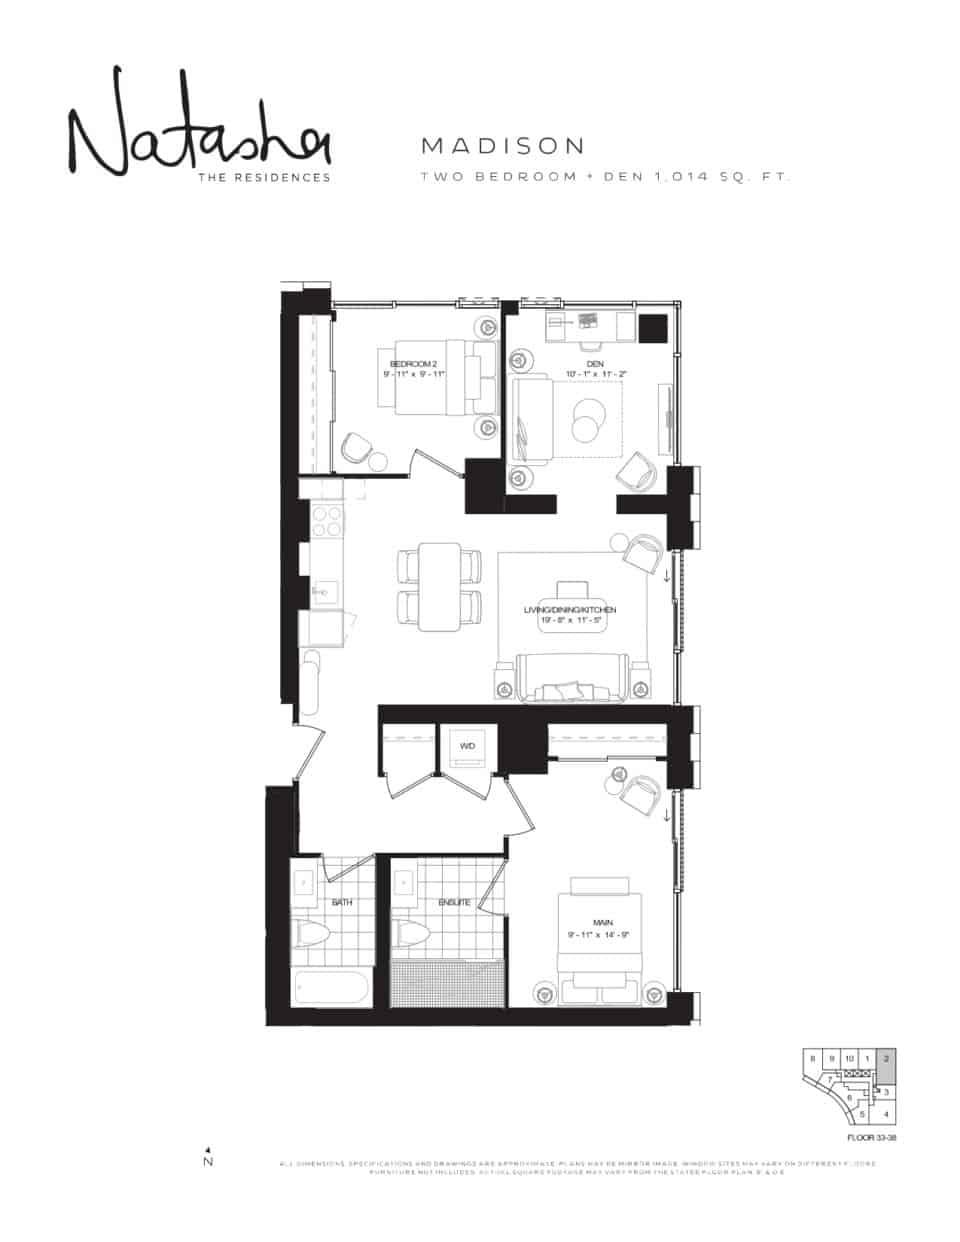 2021 09 02 11 02 28 natashatheresidences lanterradevelopments floorplans madison